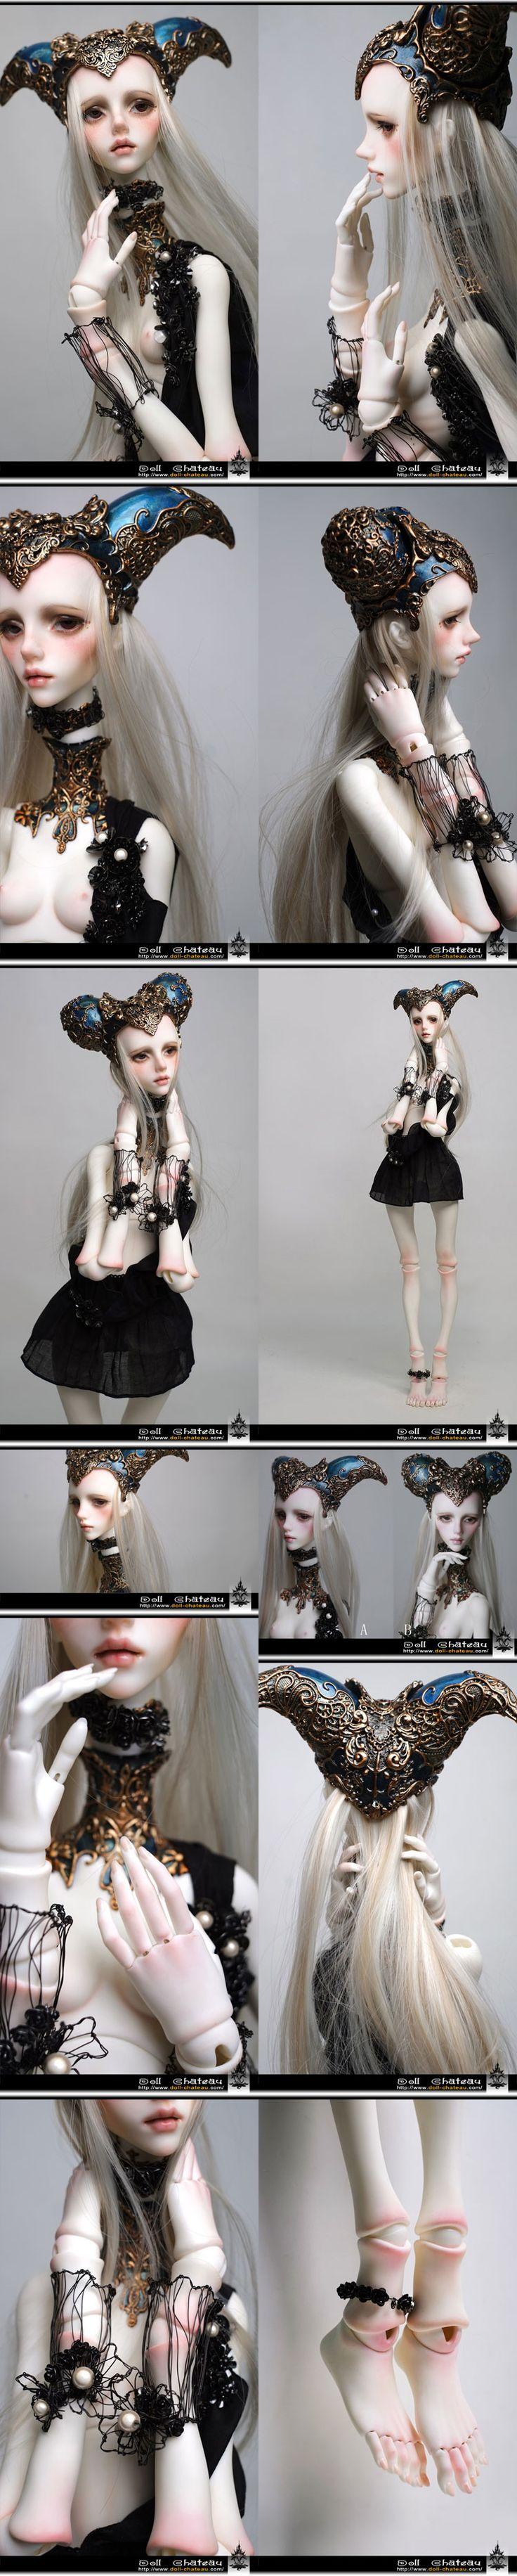 球体関節人形 Christina 女 68cm